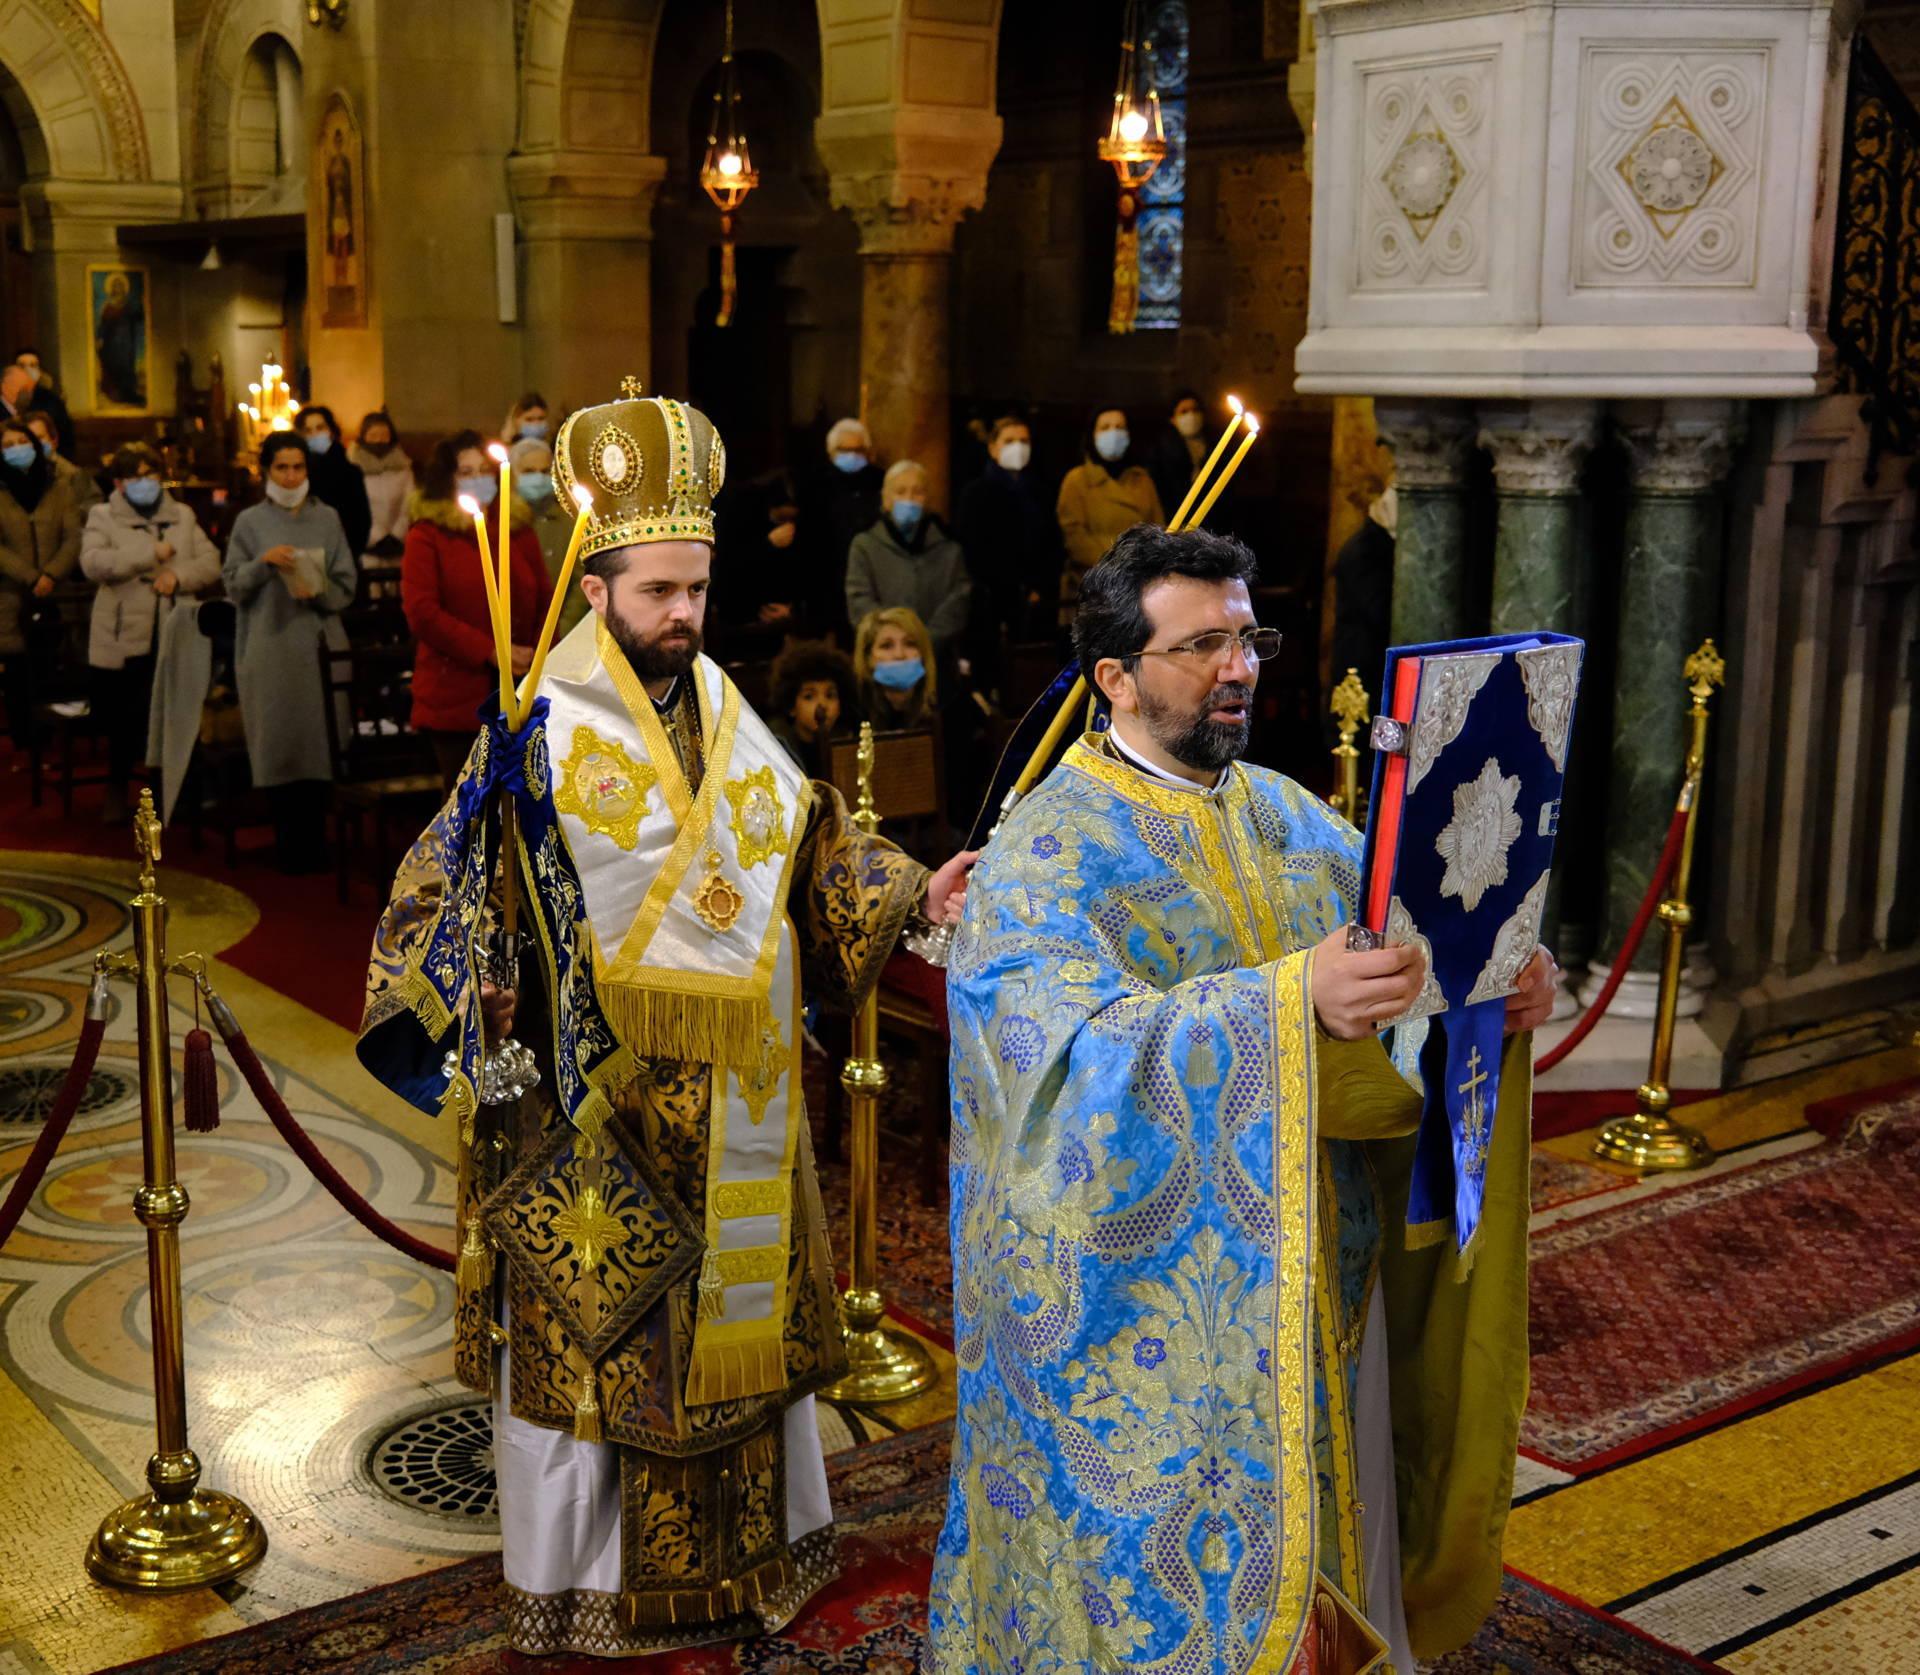 DSCF2775  - Οι Έλληνες του Παρισιού εόρτασαν τα Θεοφάνεια (φωτο)